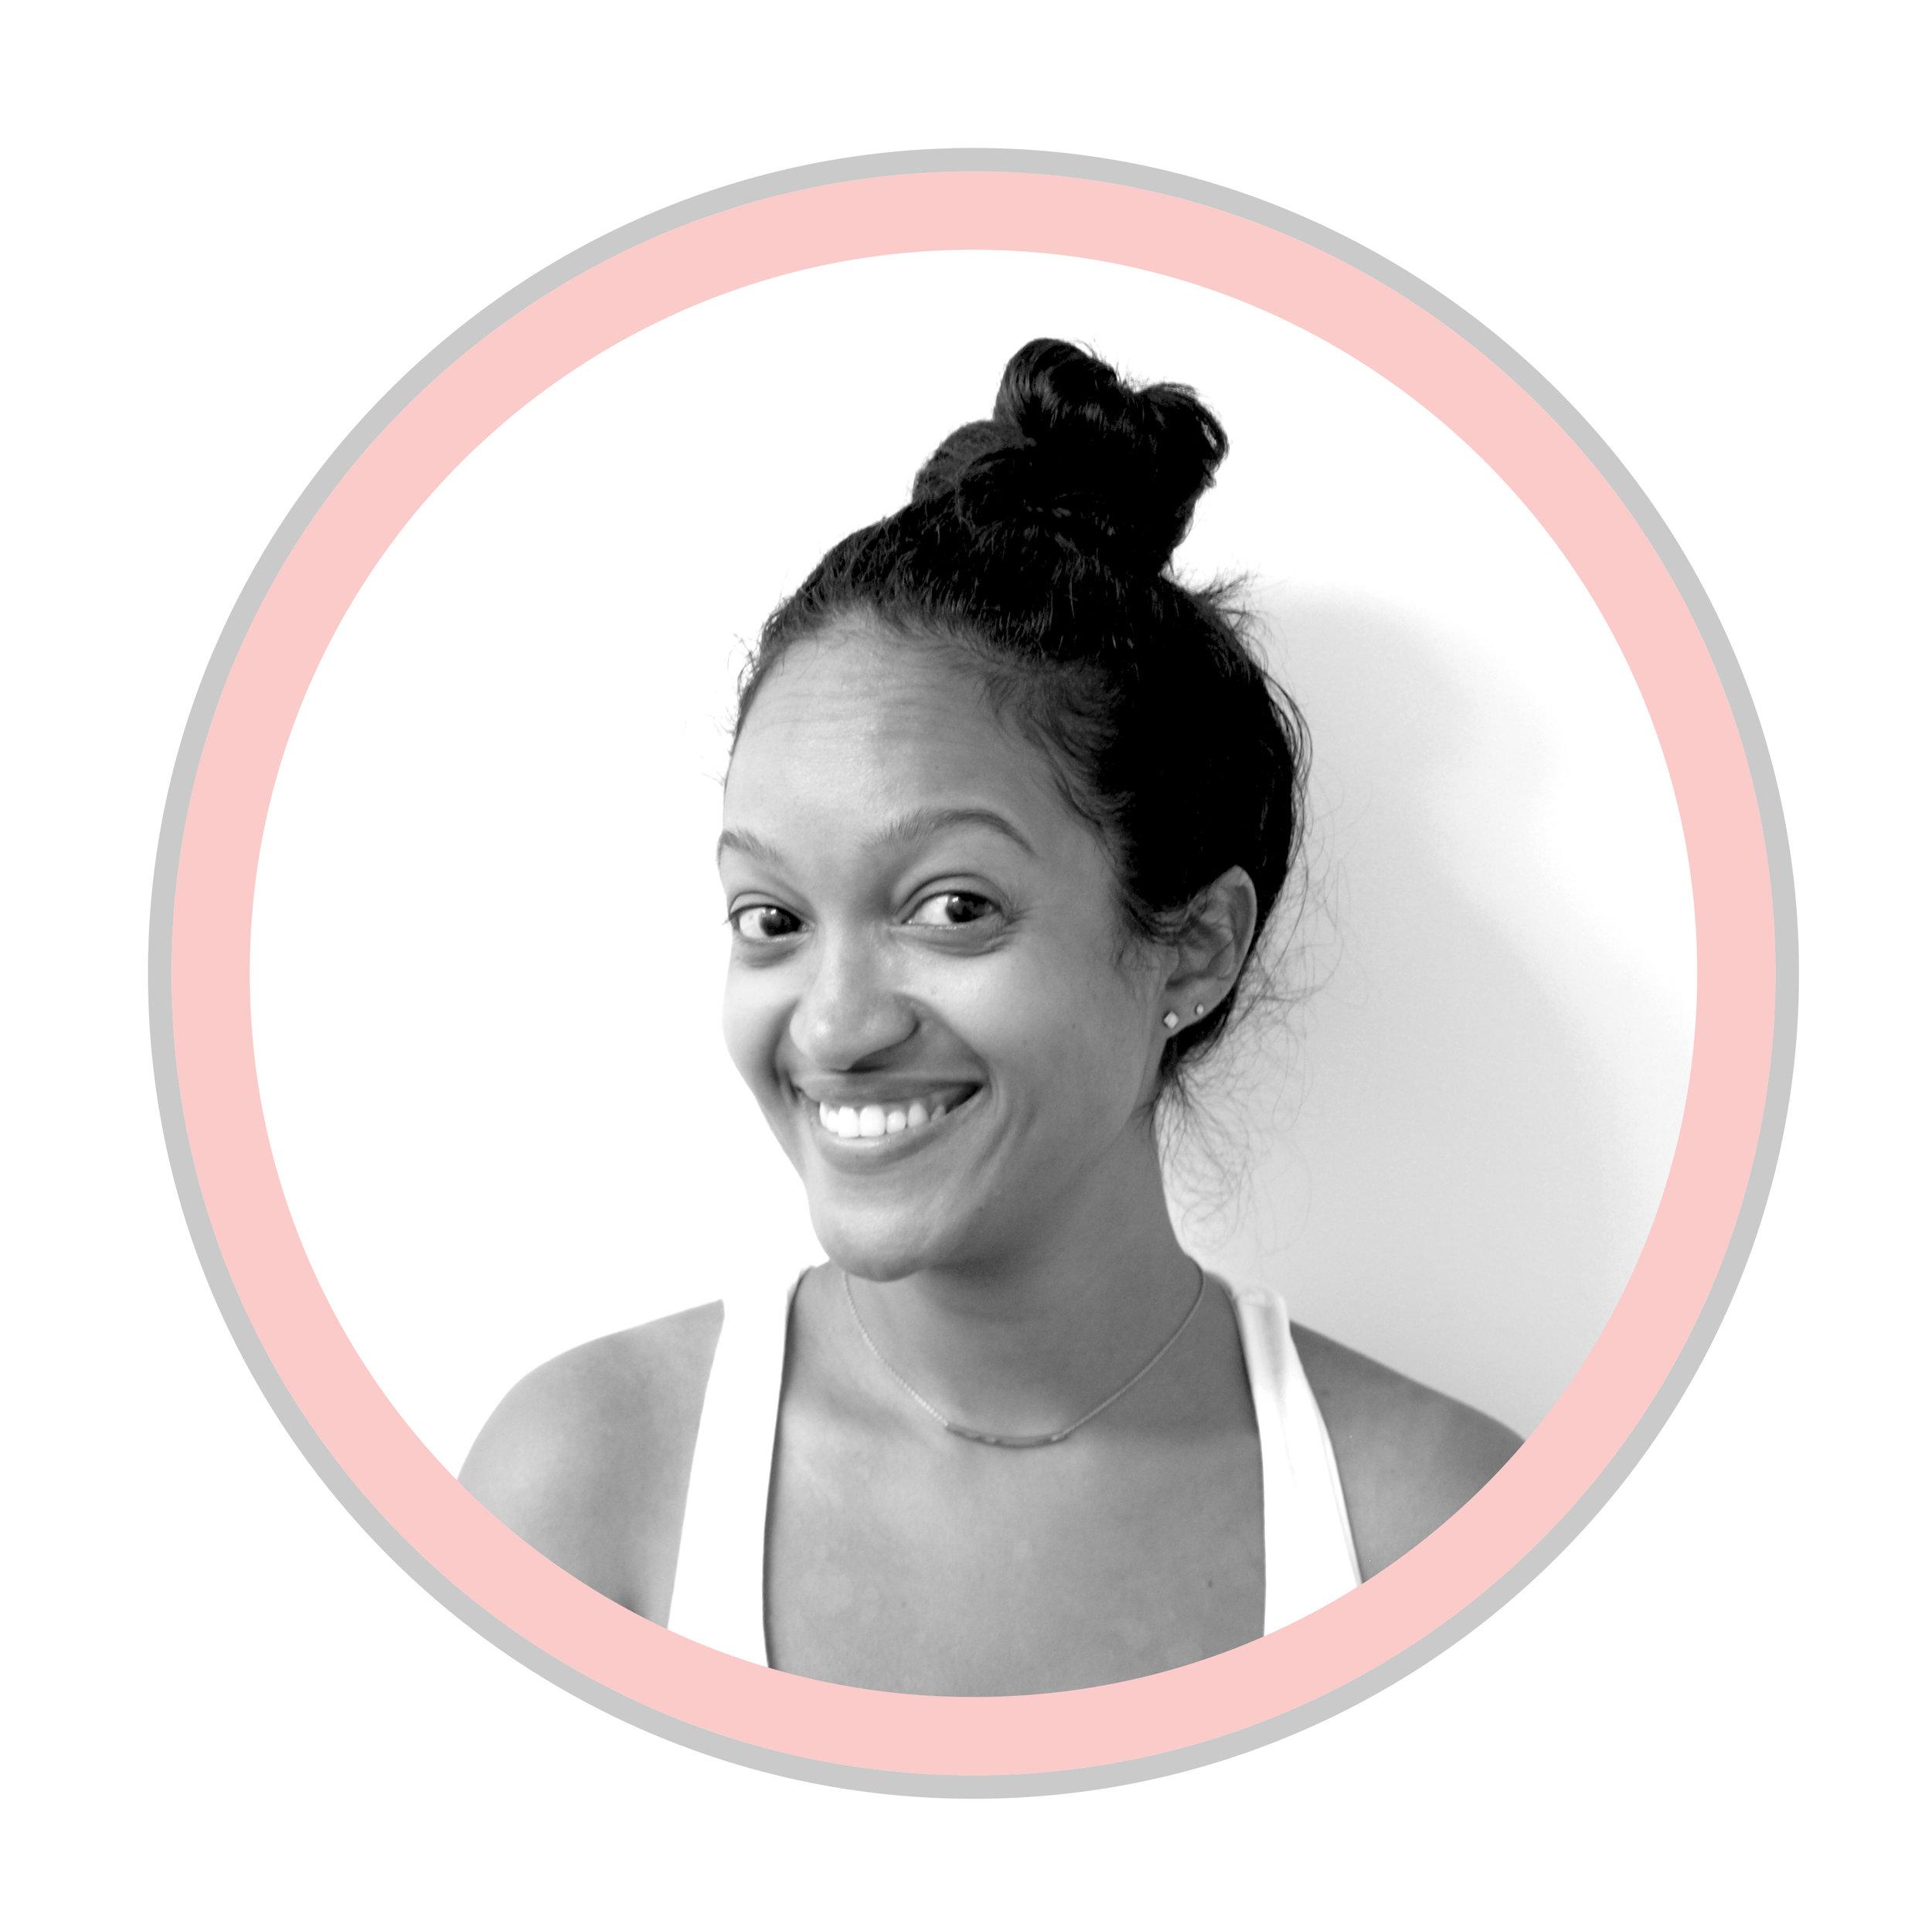 STEPHANIE JEREMIE   Chargée de programmes   Ayant comme objectif de devenir avocate, Stéphanie était surprise d'apprendre qu'une nouvelle carrière l'interpellait lors d'une rencontre bien spéciale, soit son premier cours en sciences po à l'Université Concordia à Montréal. Au cours de son bac, elle a pu vivre des moments incroyables lors de ses stages avec: Equitas à Montréal, ONU Femmes à New York et YMCA à Quito, en Équateur. Elle est contente de faire partie d'une nouvelle famille au sein de L'Apathie c'est plate où elle apprend au quotidien sur les moyens d'inclure et d'engager les jeunes au sein de la démocratie.